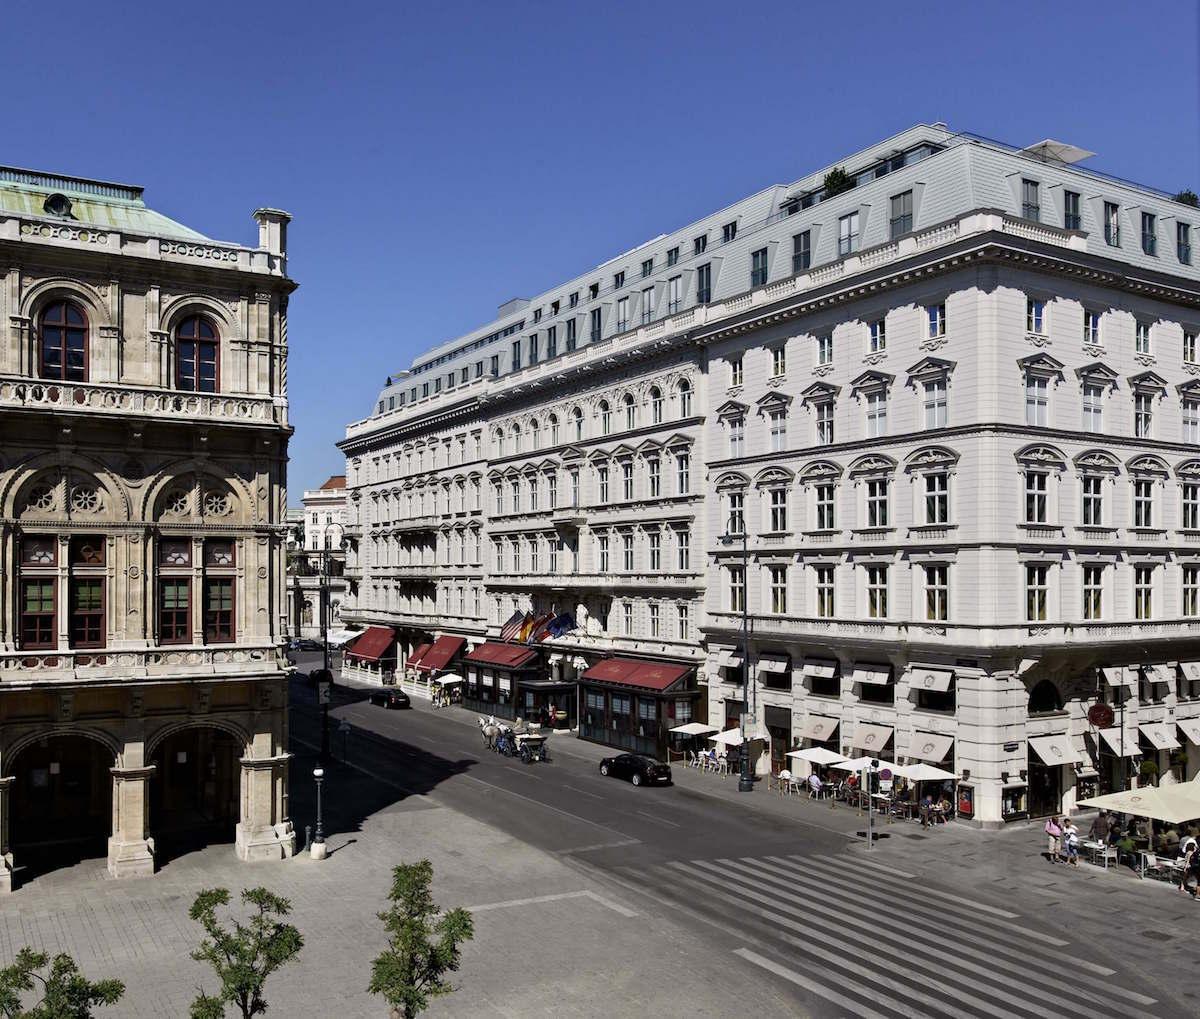 Hotel Sacher Wien, luxury hotel Vienna, top hotel Vienna, sacher torte, http://www.travelingwellforless.com